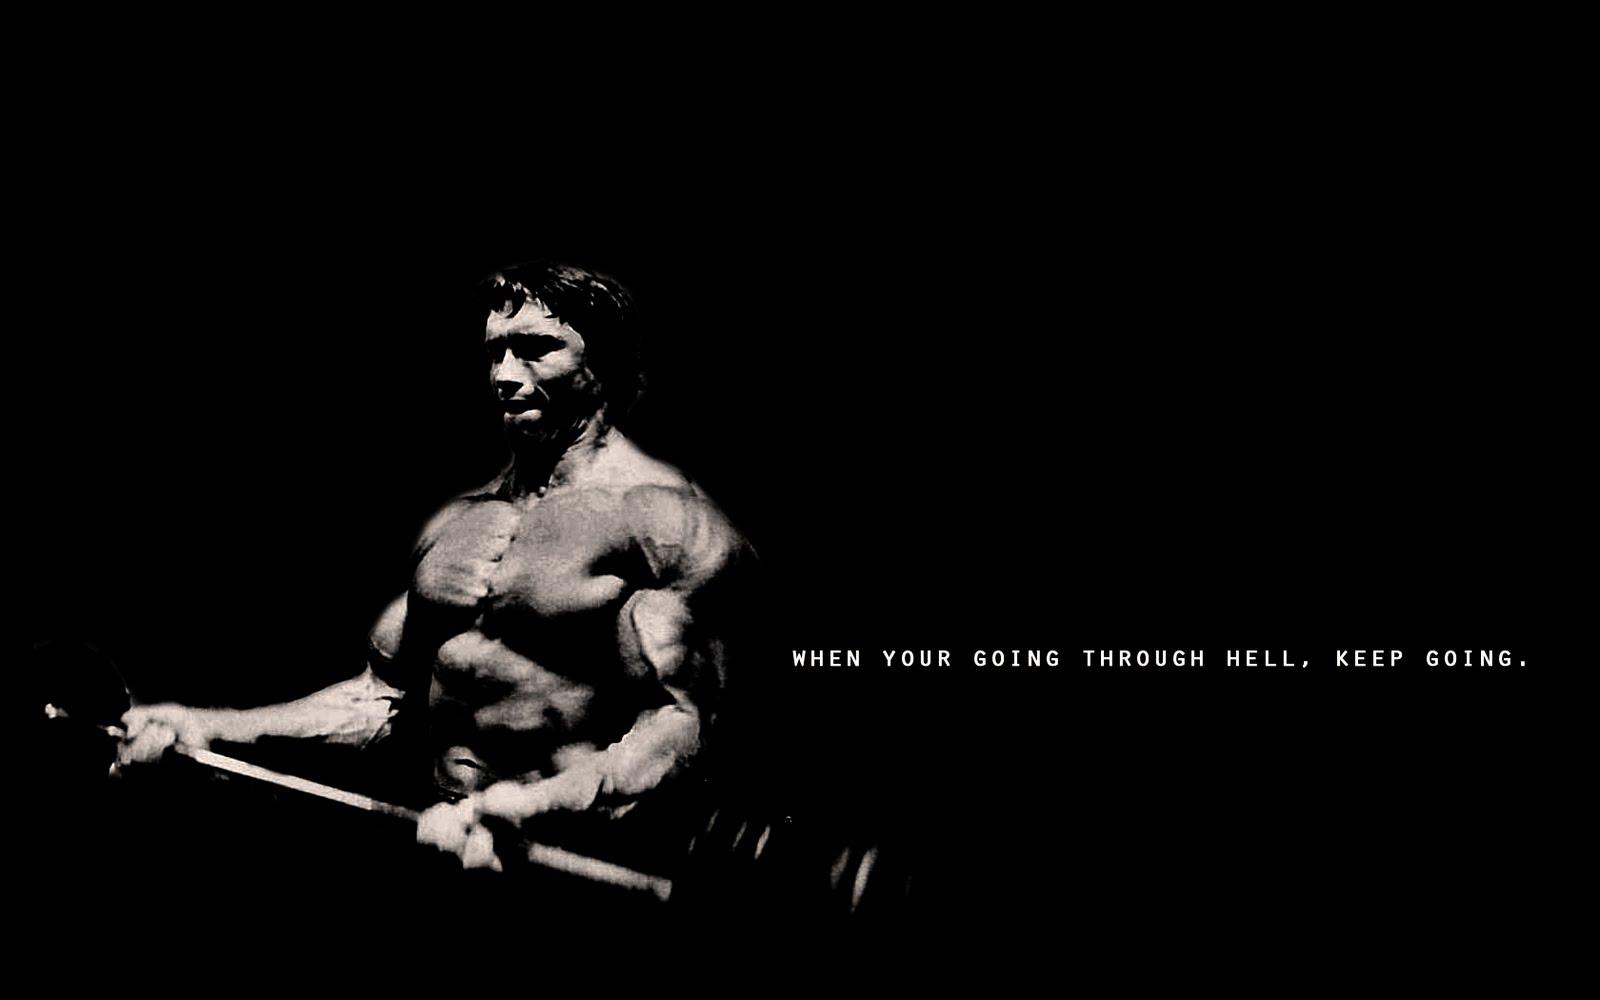 Beast Motivation Arnold Schwarzenegger Hell 1600x1000